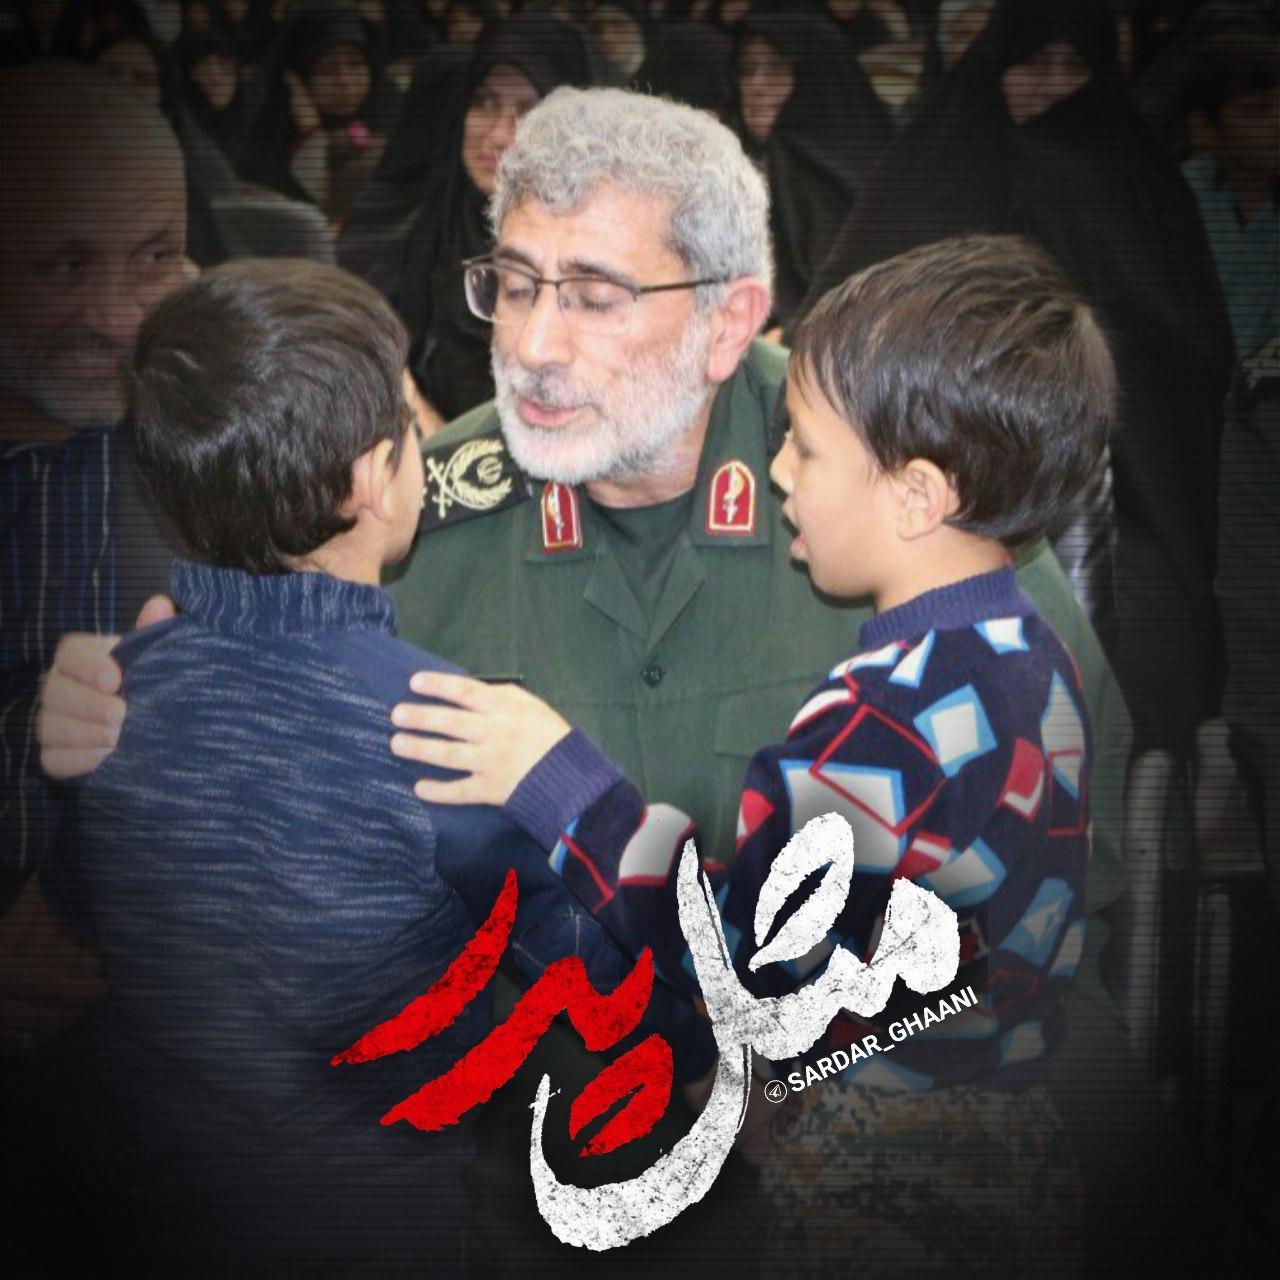 انتشار تصاوری کمتر دیده شده سردار قاآنی به مناسبت روز پدر